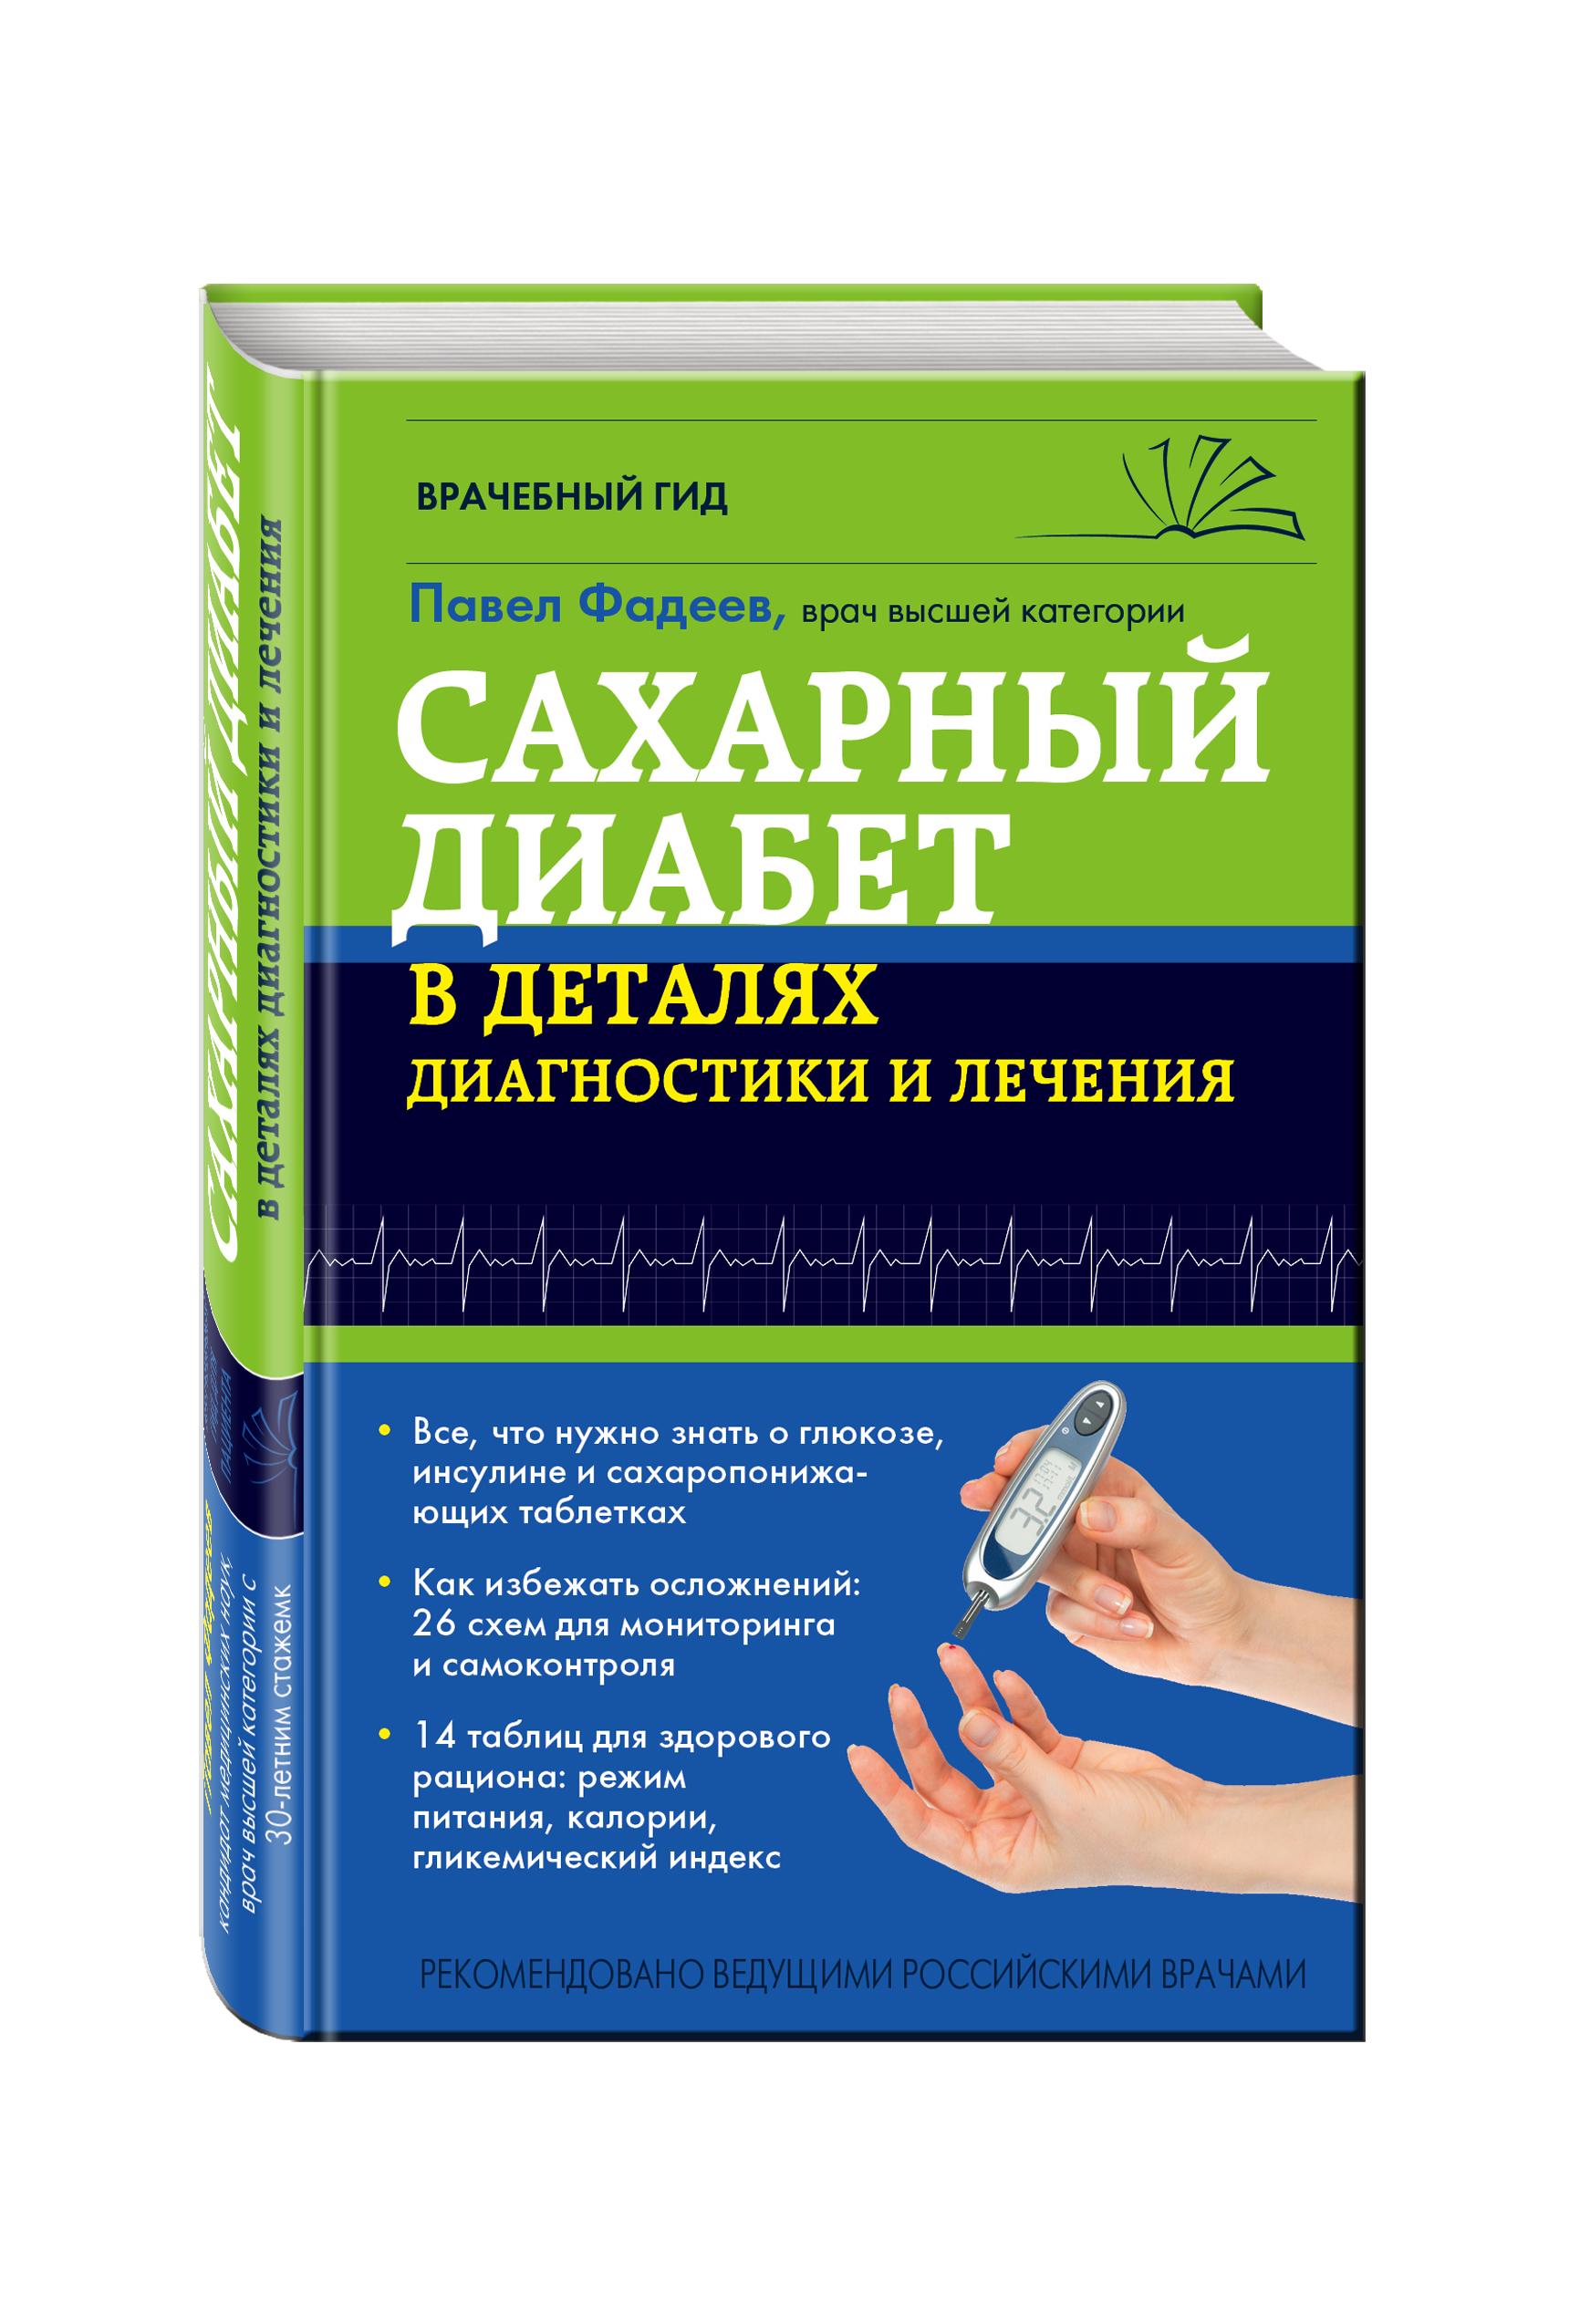 Сахарный диабет в деталях диагностики и лечения ( Фадеев П.А.  )